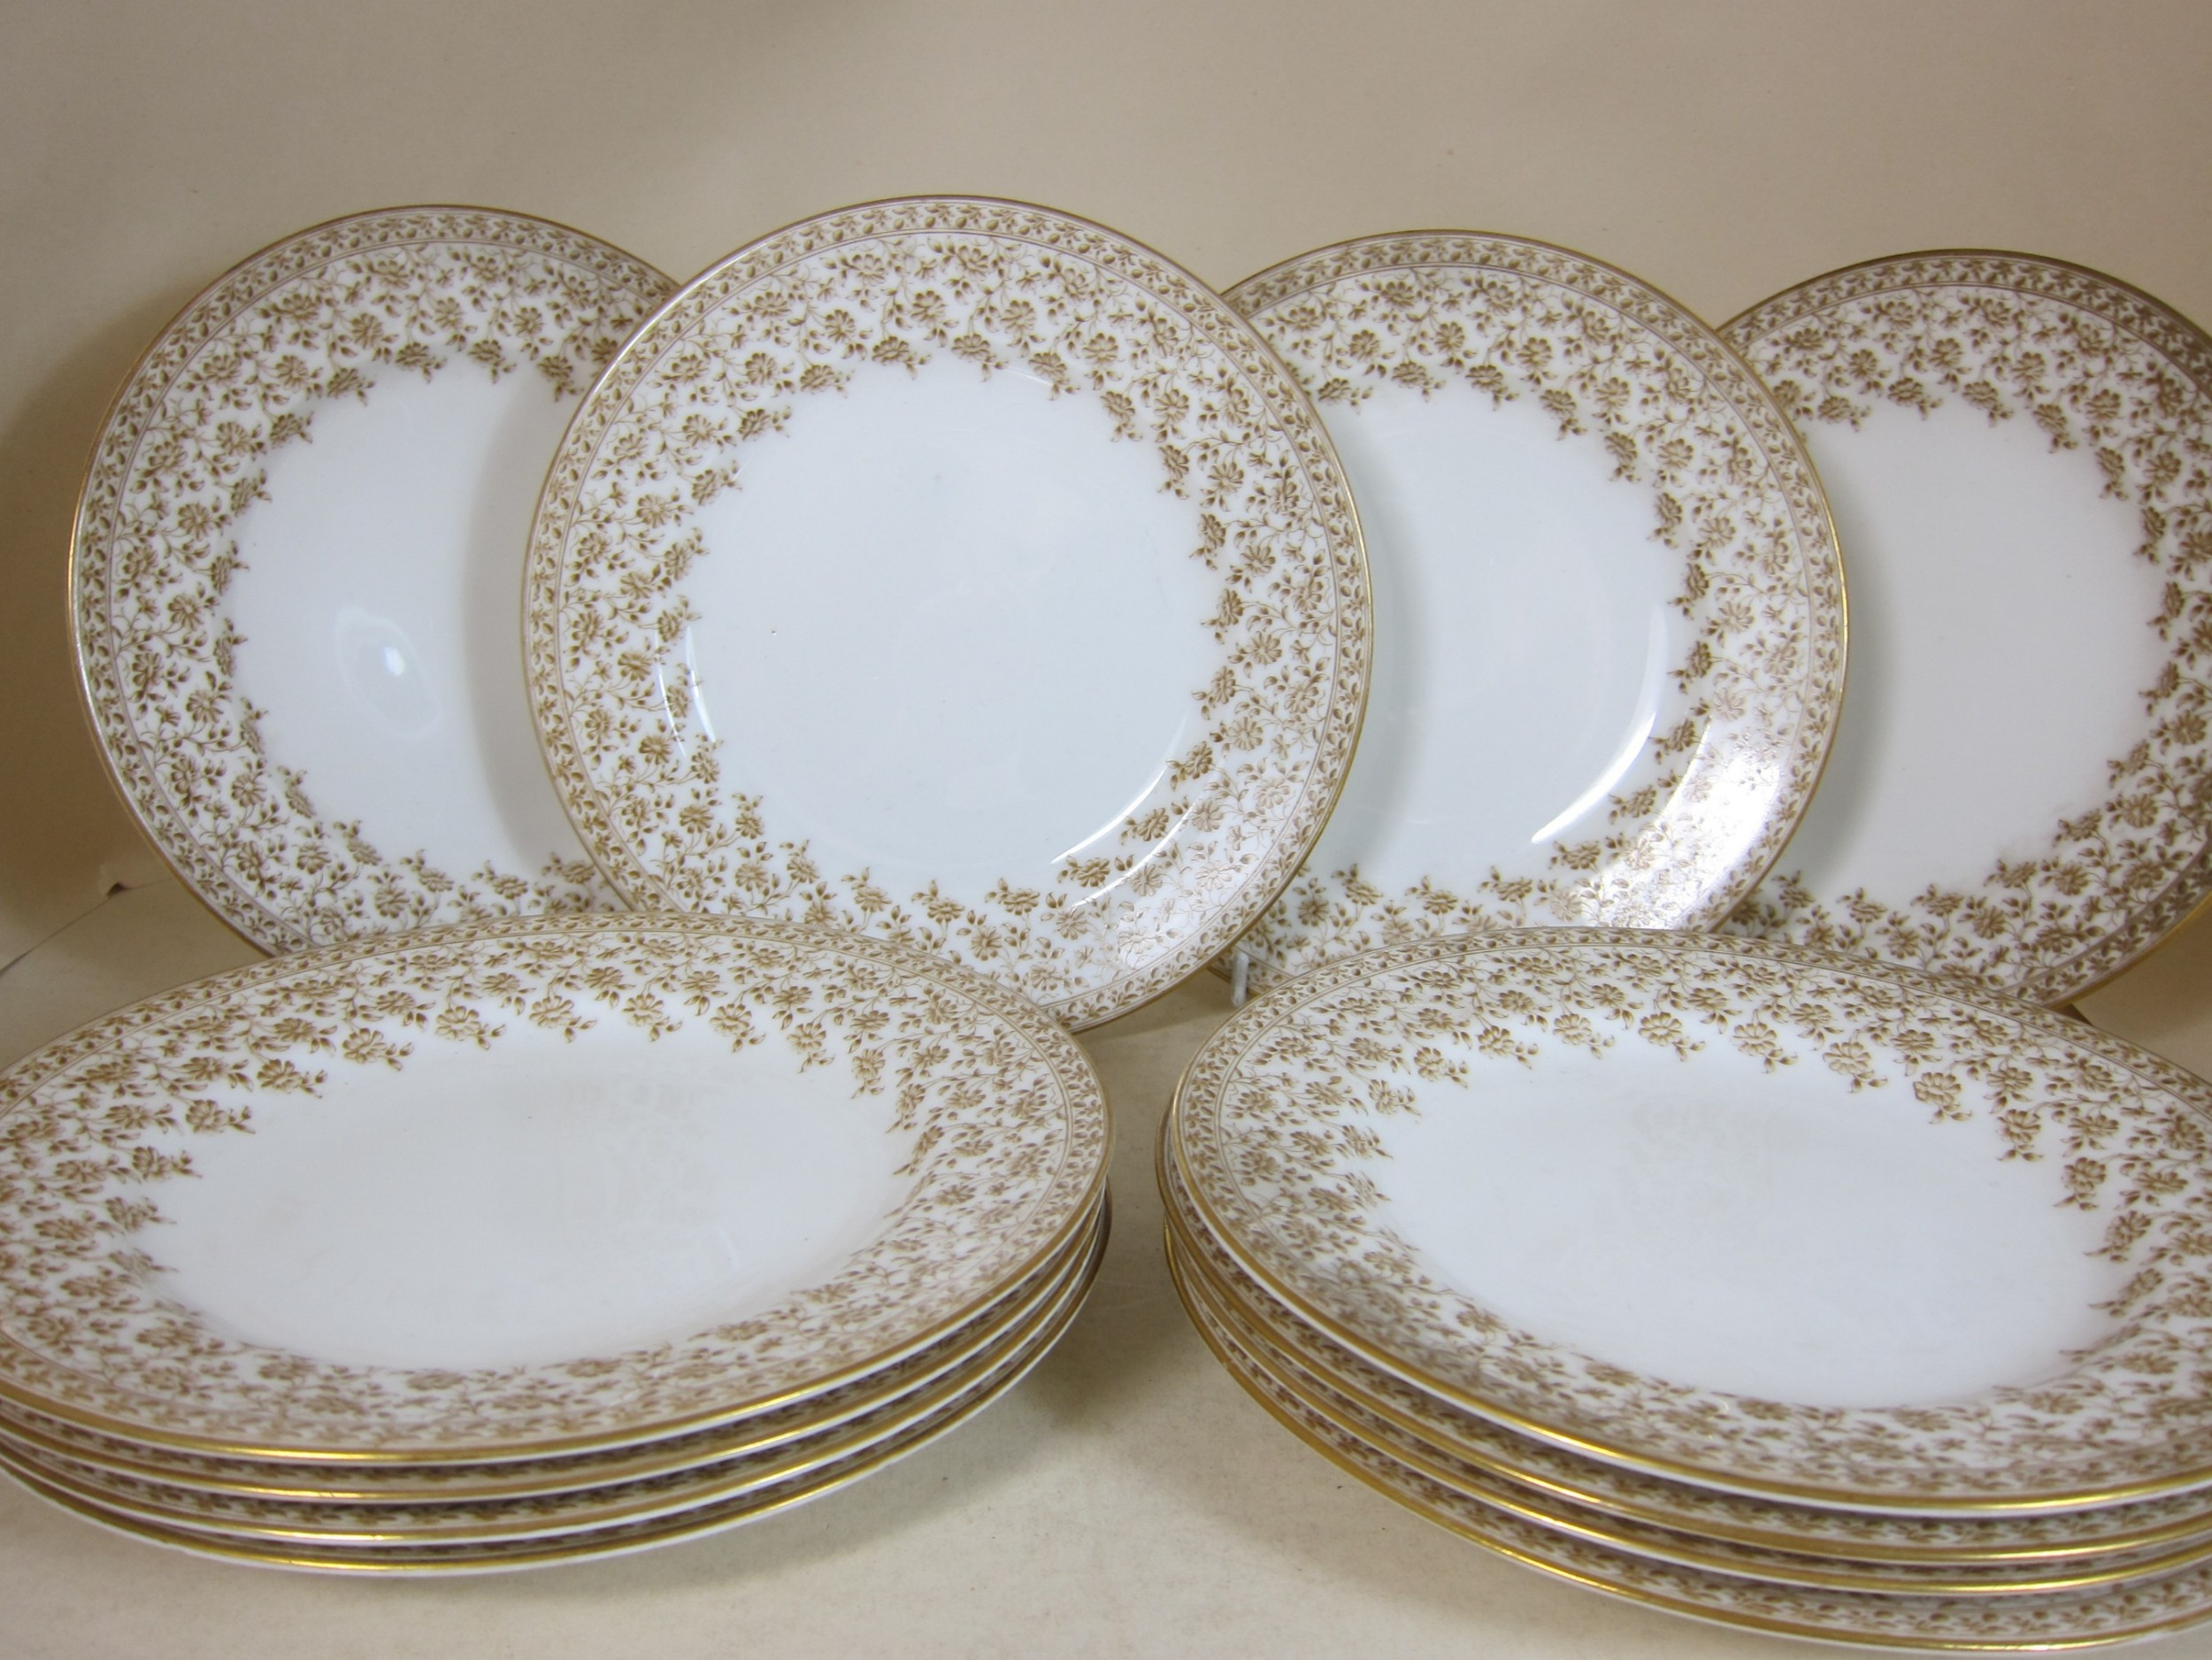 royal worcester porcelain set of 12 plates